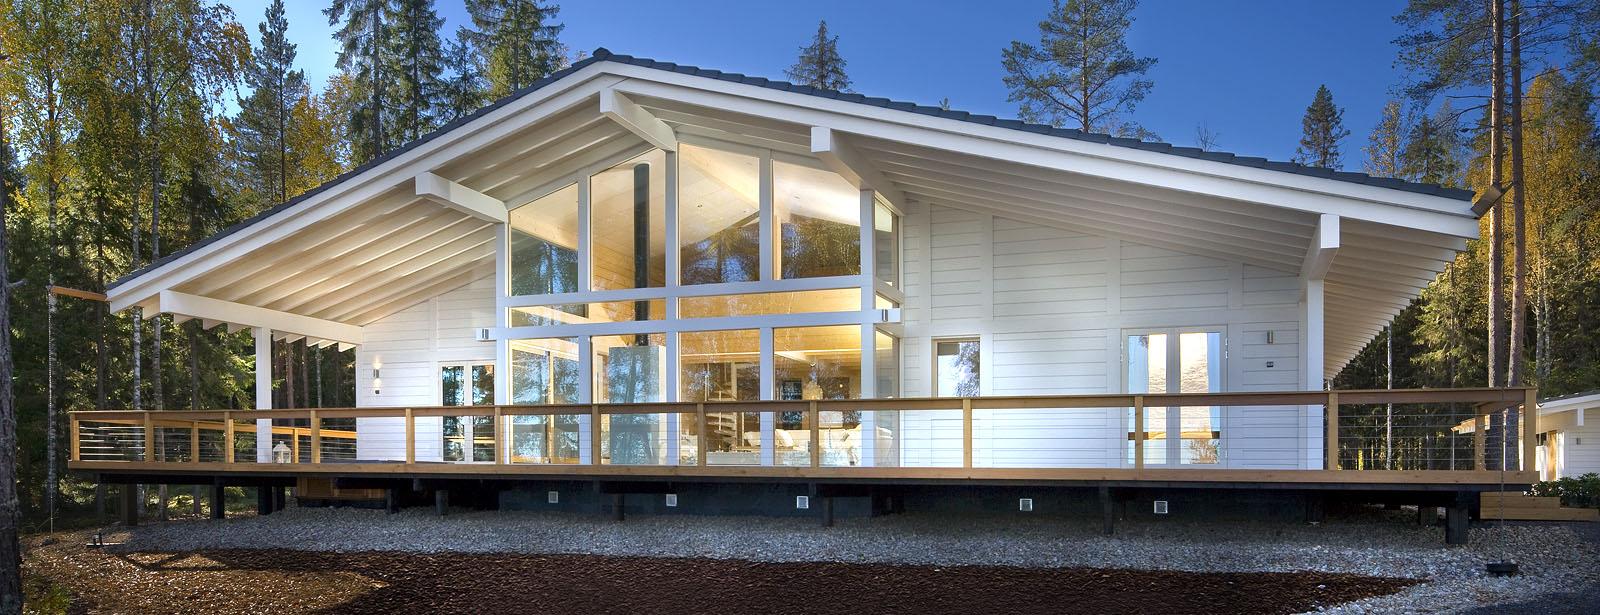 Costruttori Finlandesi Di Case In Legno Dal 1907 Polar Life Haus